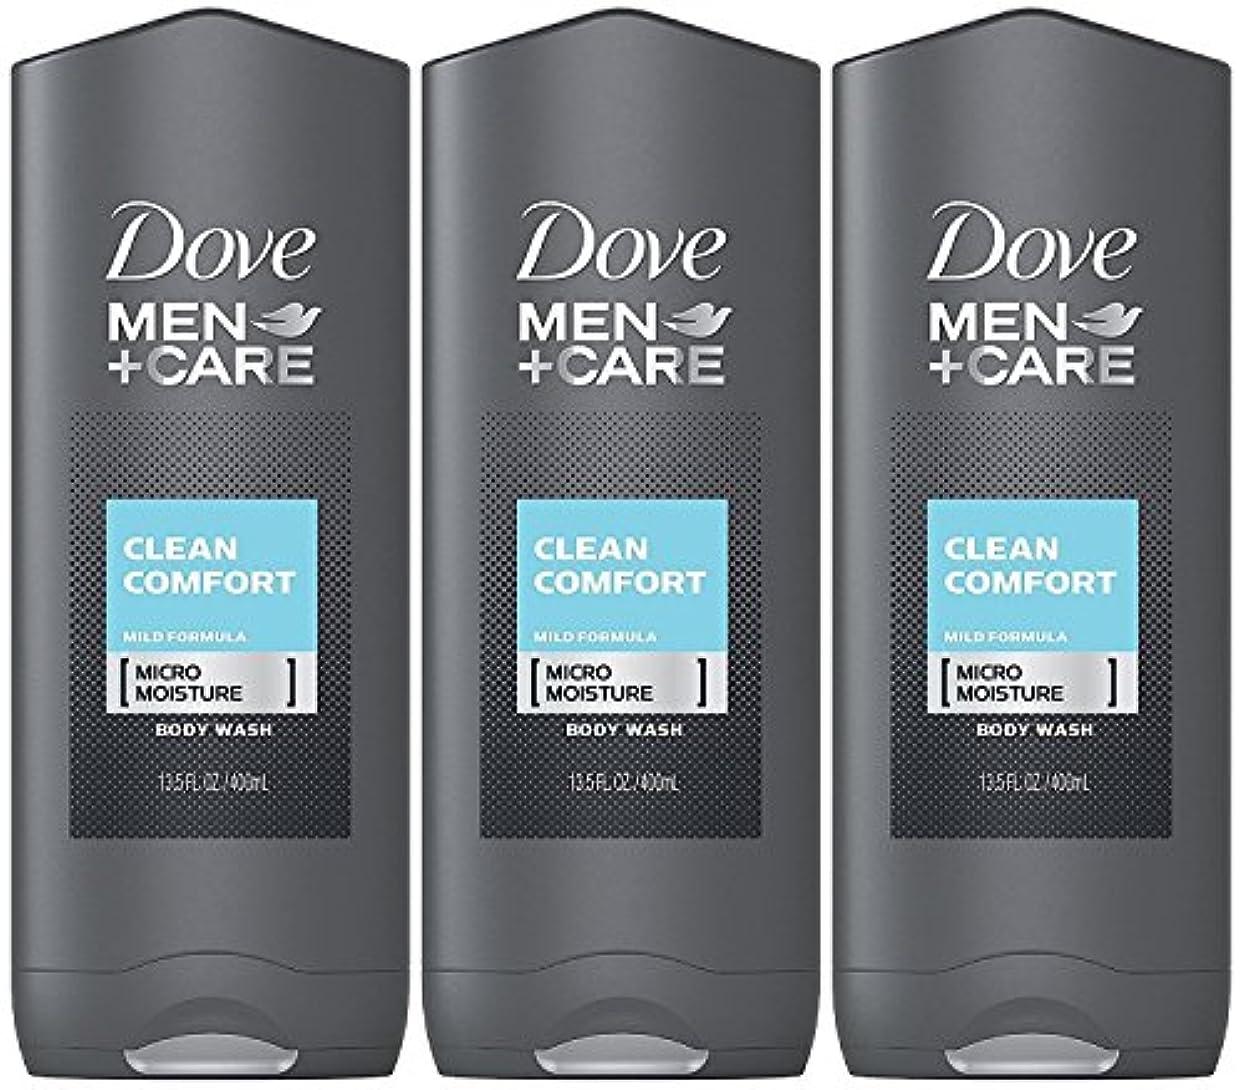 急性悲しみ叱るDove Men Plus Care Body and Face Wash Clean Comfort , 13.5 Oz by Dove